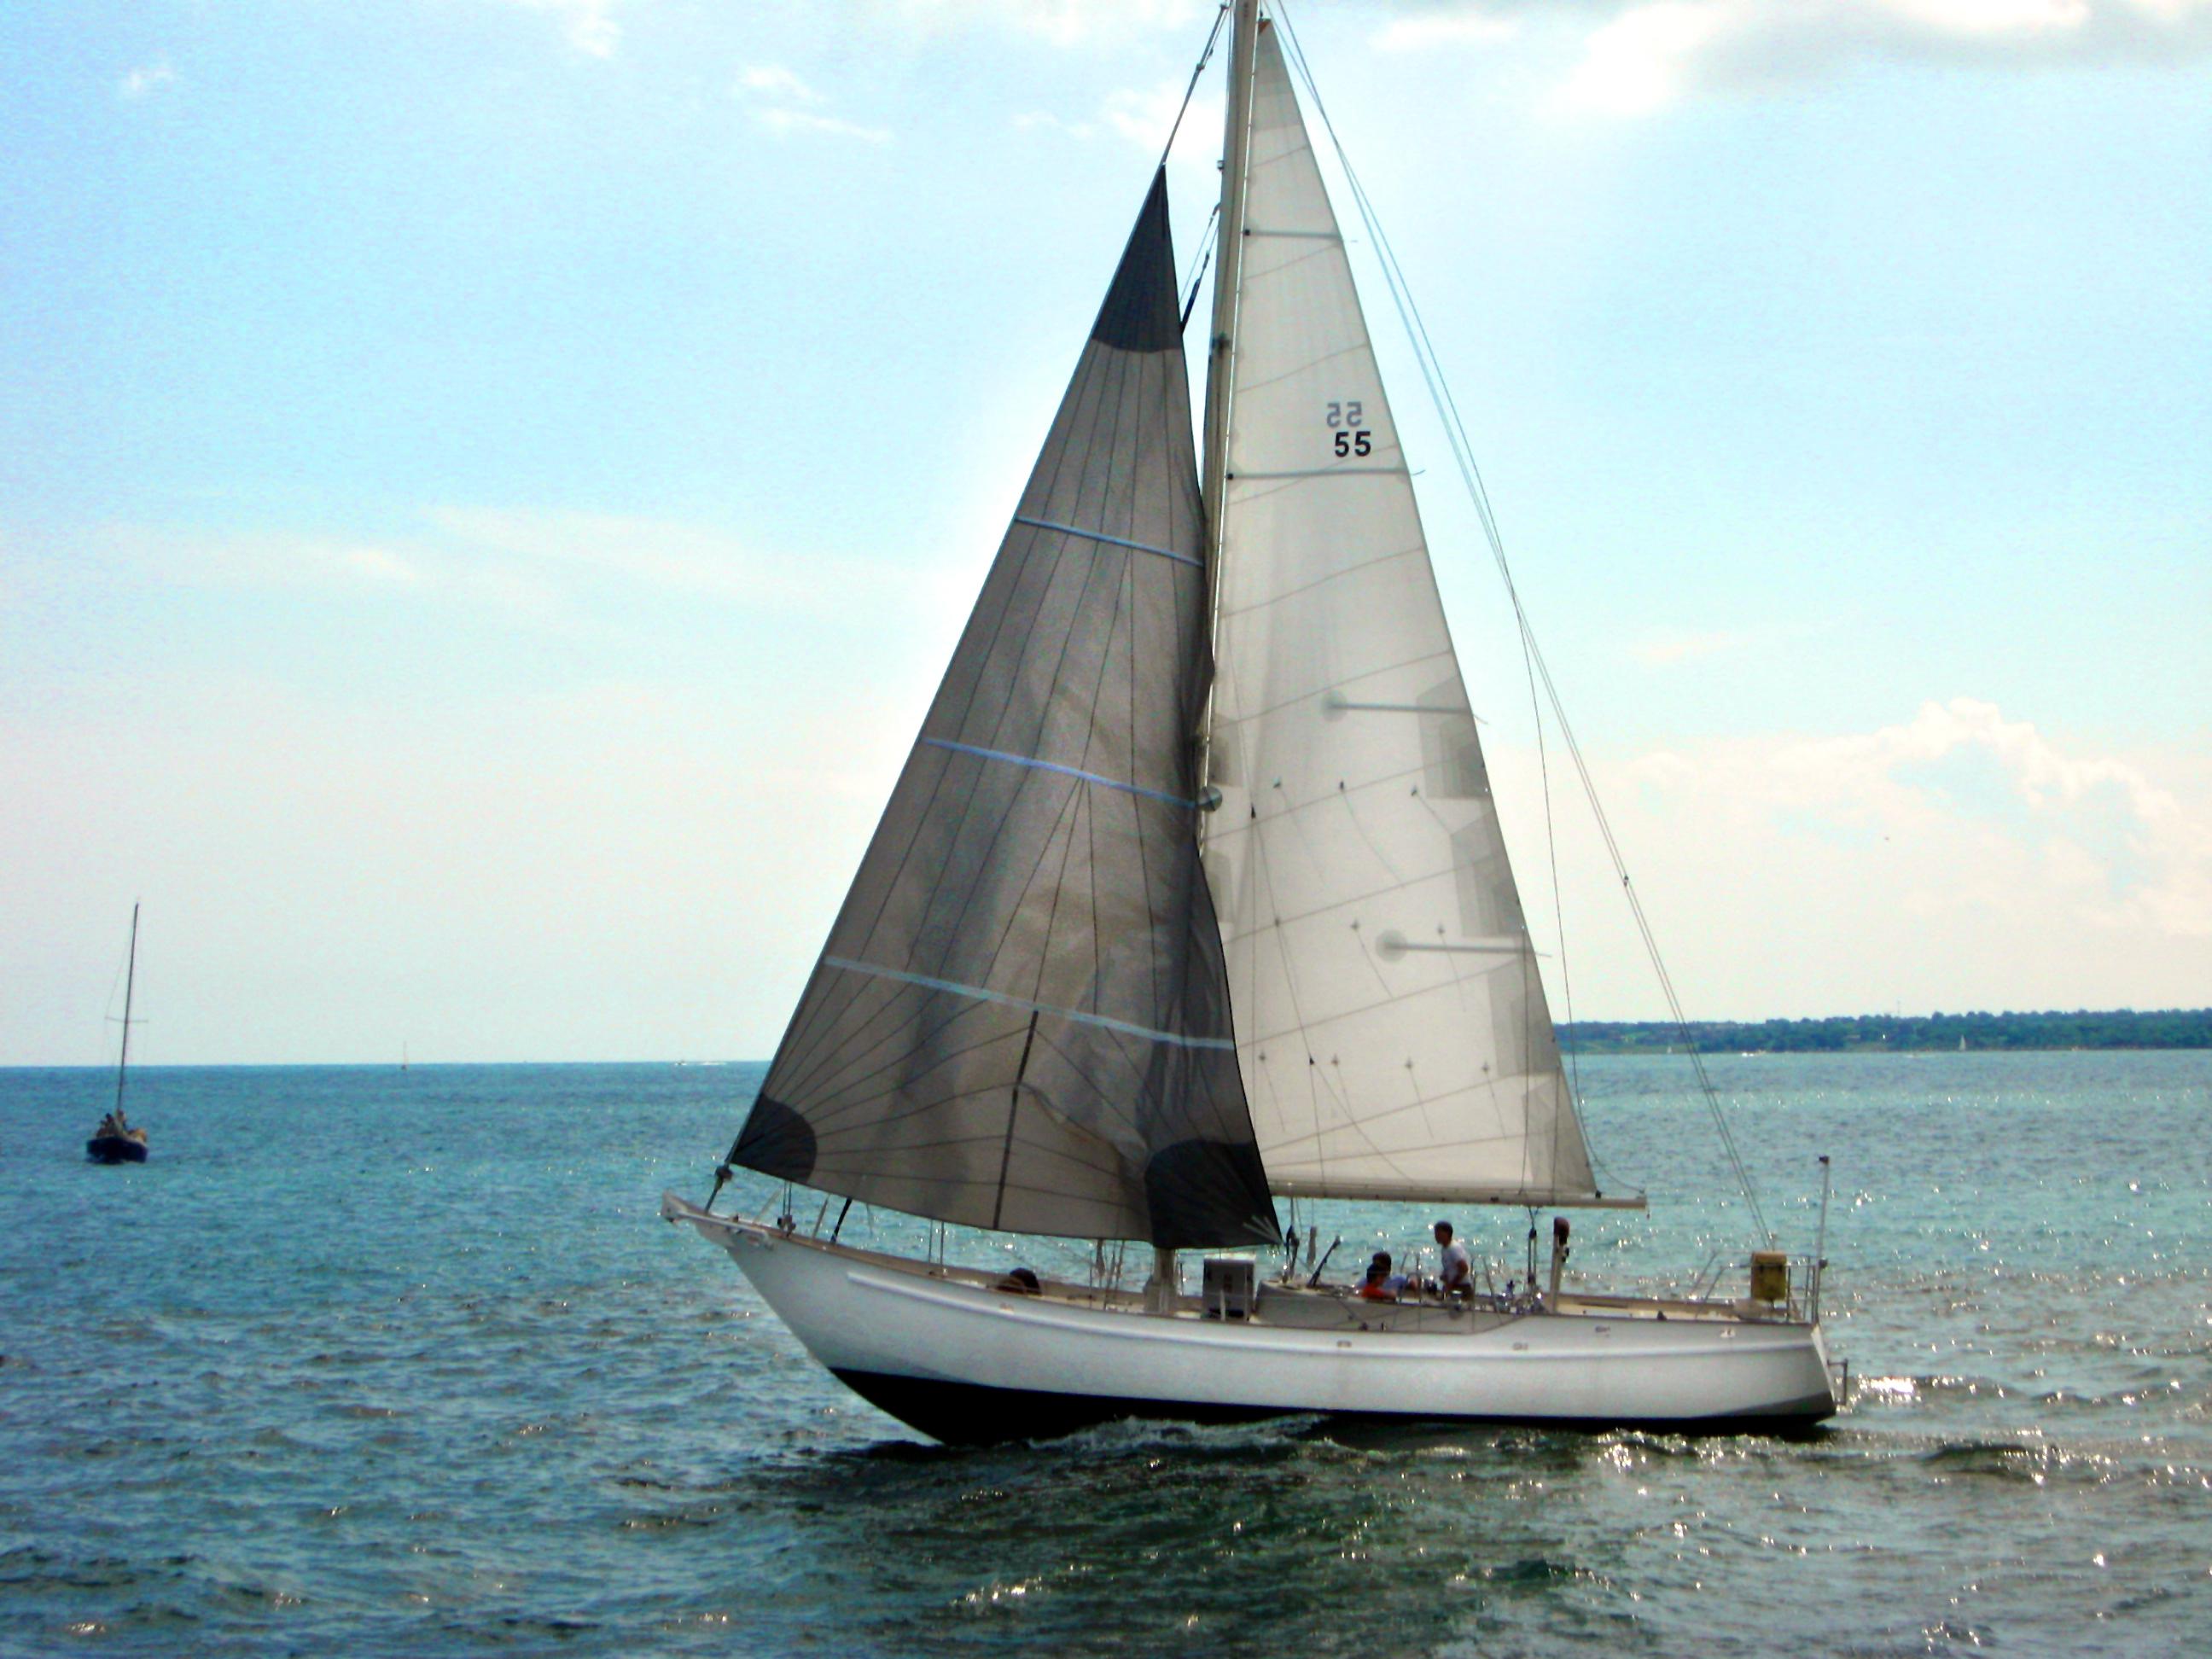 Sail Boat 4 by Jinz-stock